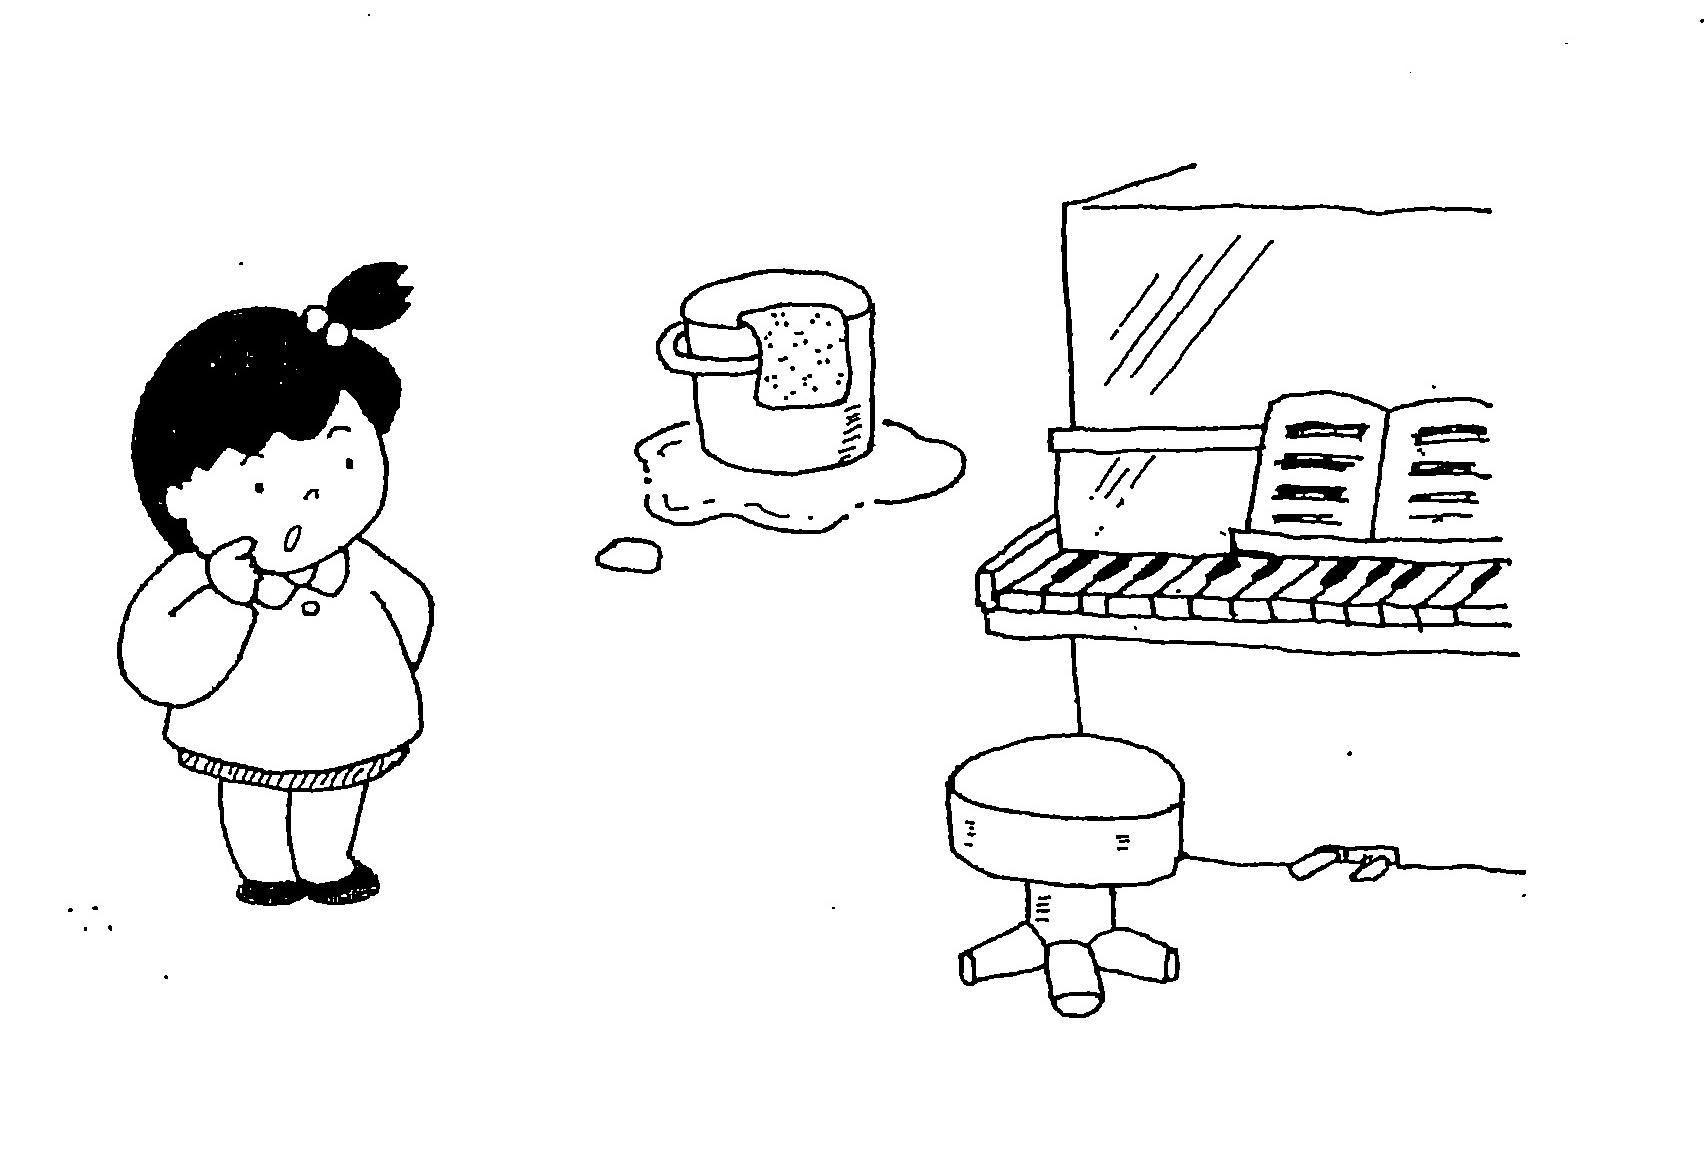 """几帳面さ 名匠は道具を大切にするという ピアノのふたが開けっ放しに ほうきのひもが切れっぱなしに ぞうきんがよごれっぱなしに ほかにも""""ぱなし""""はありませんか"""